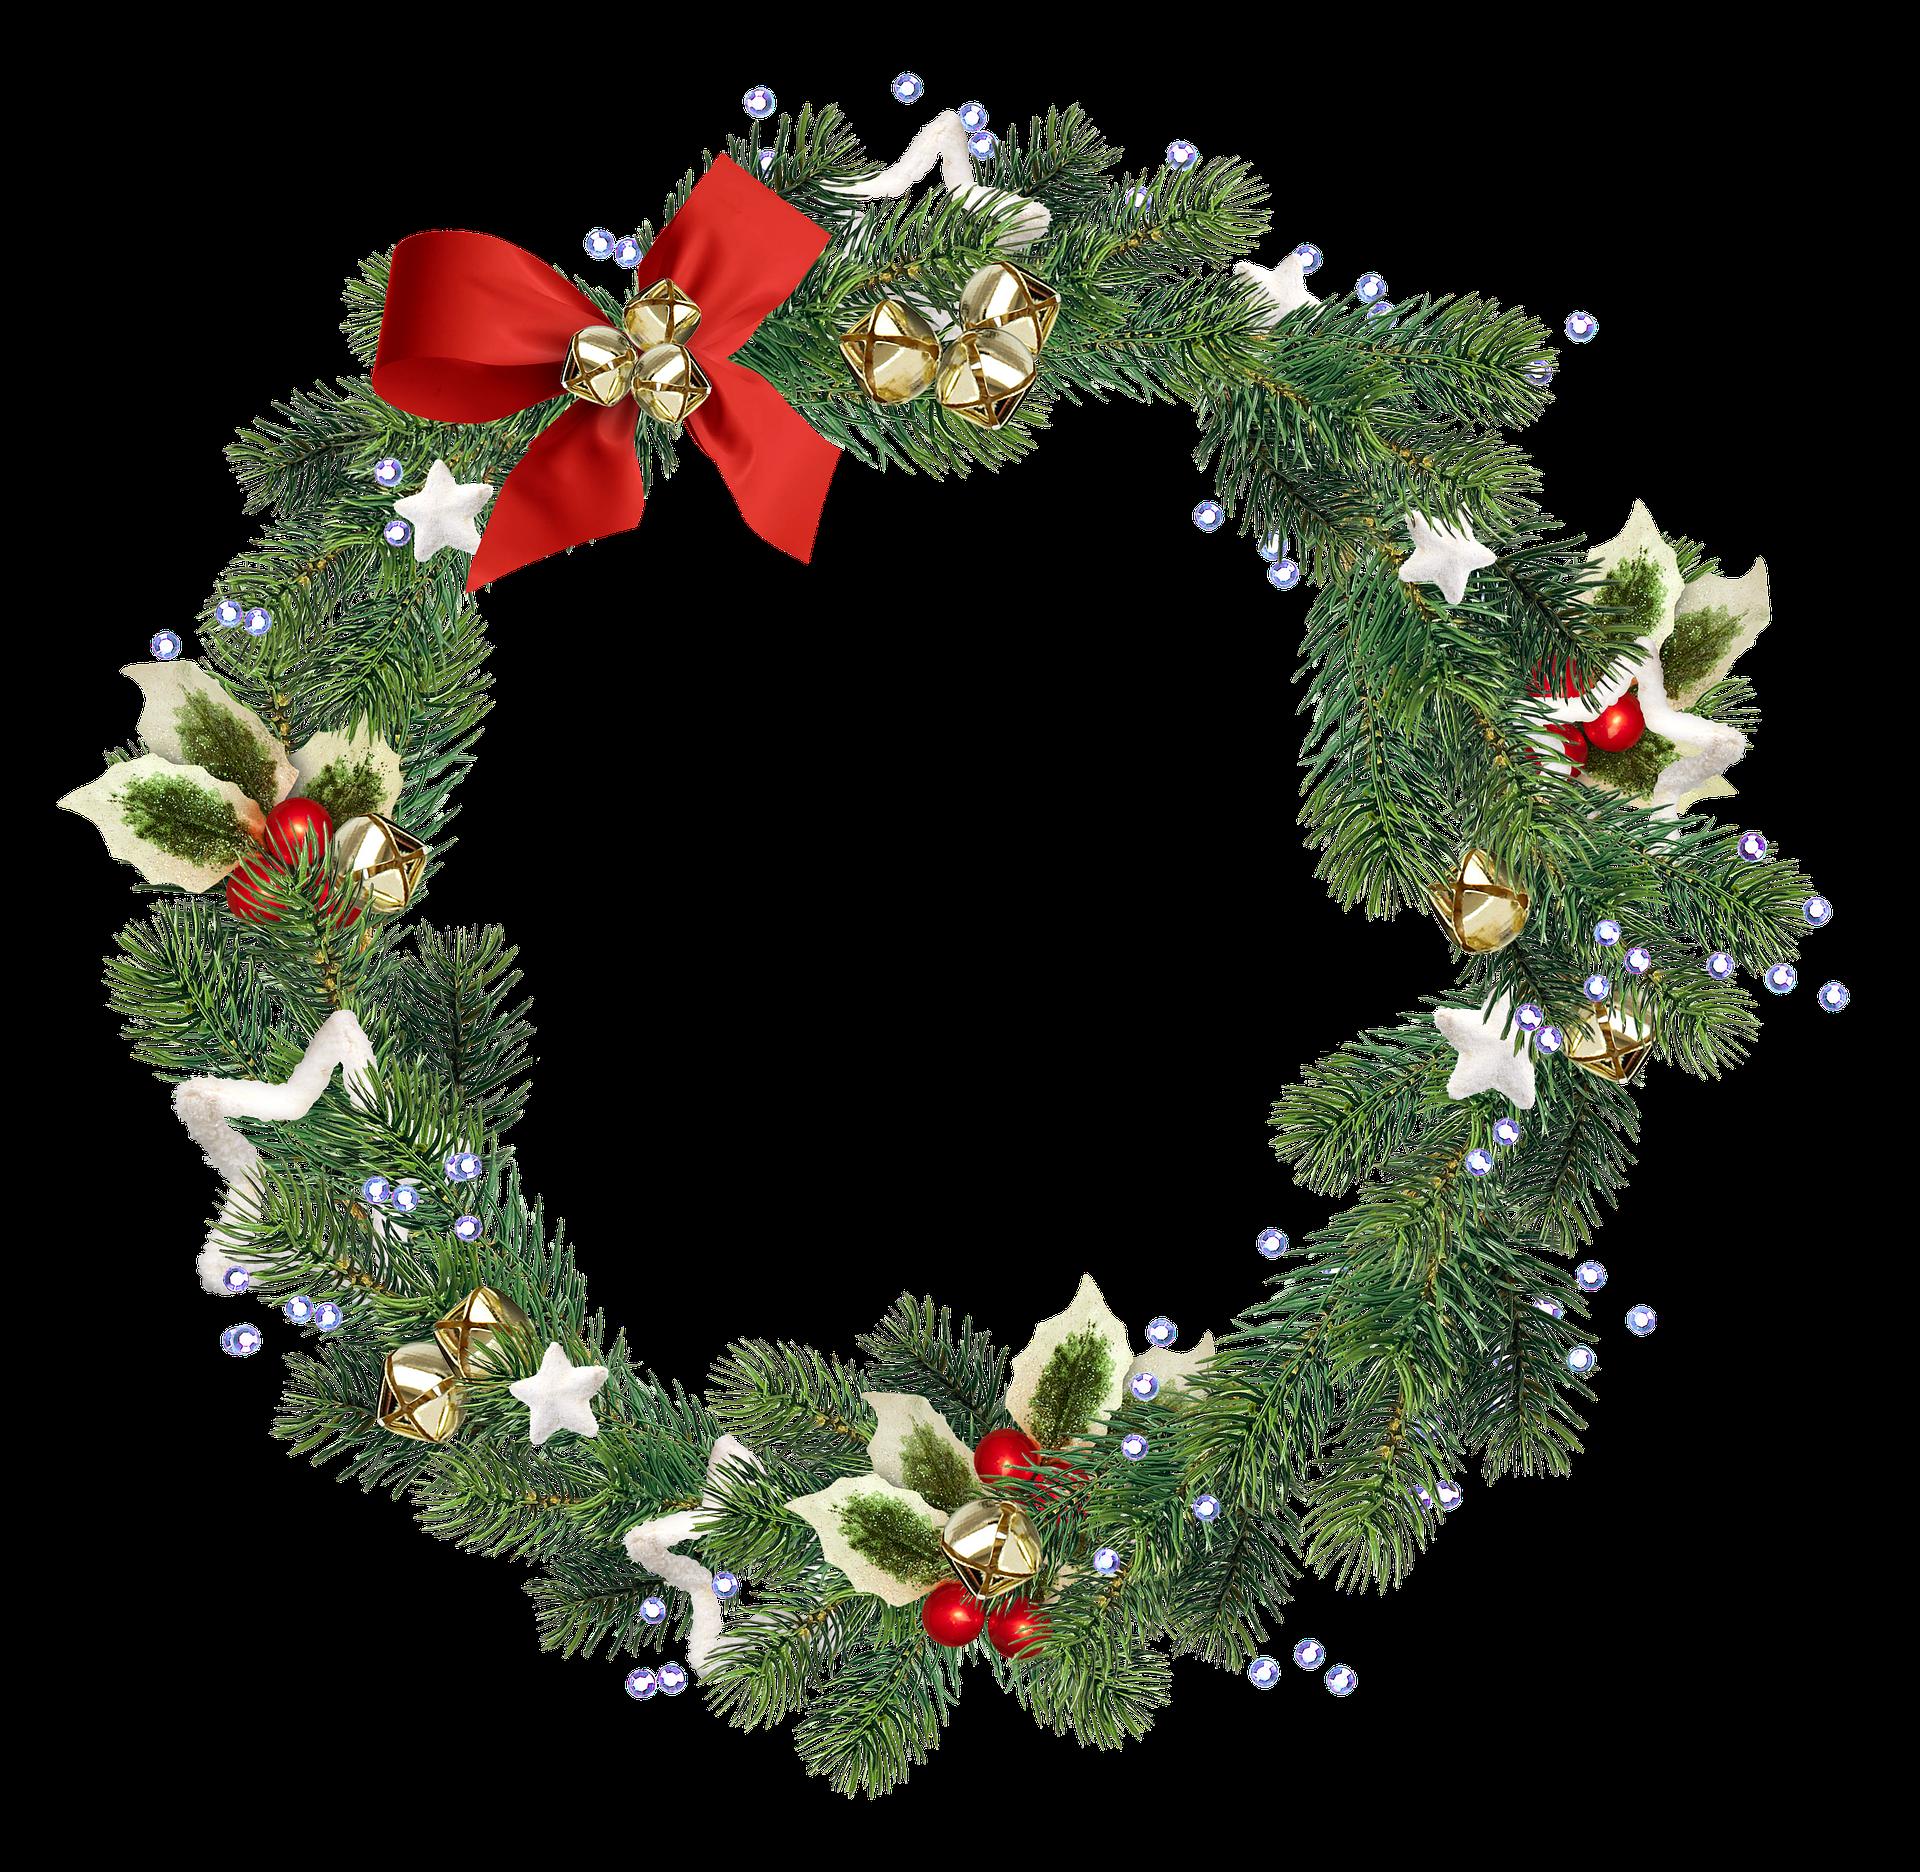 Avviso chiusura festività natalizie Monduzzi 2019-2020